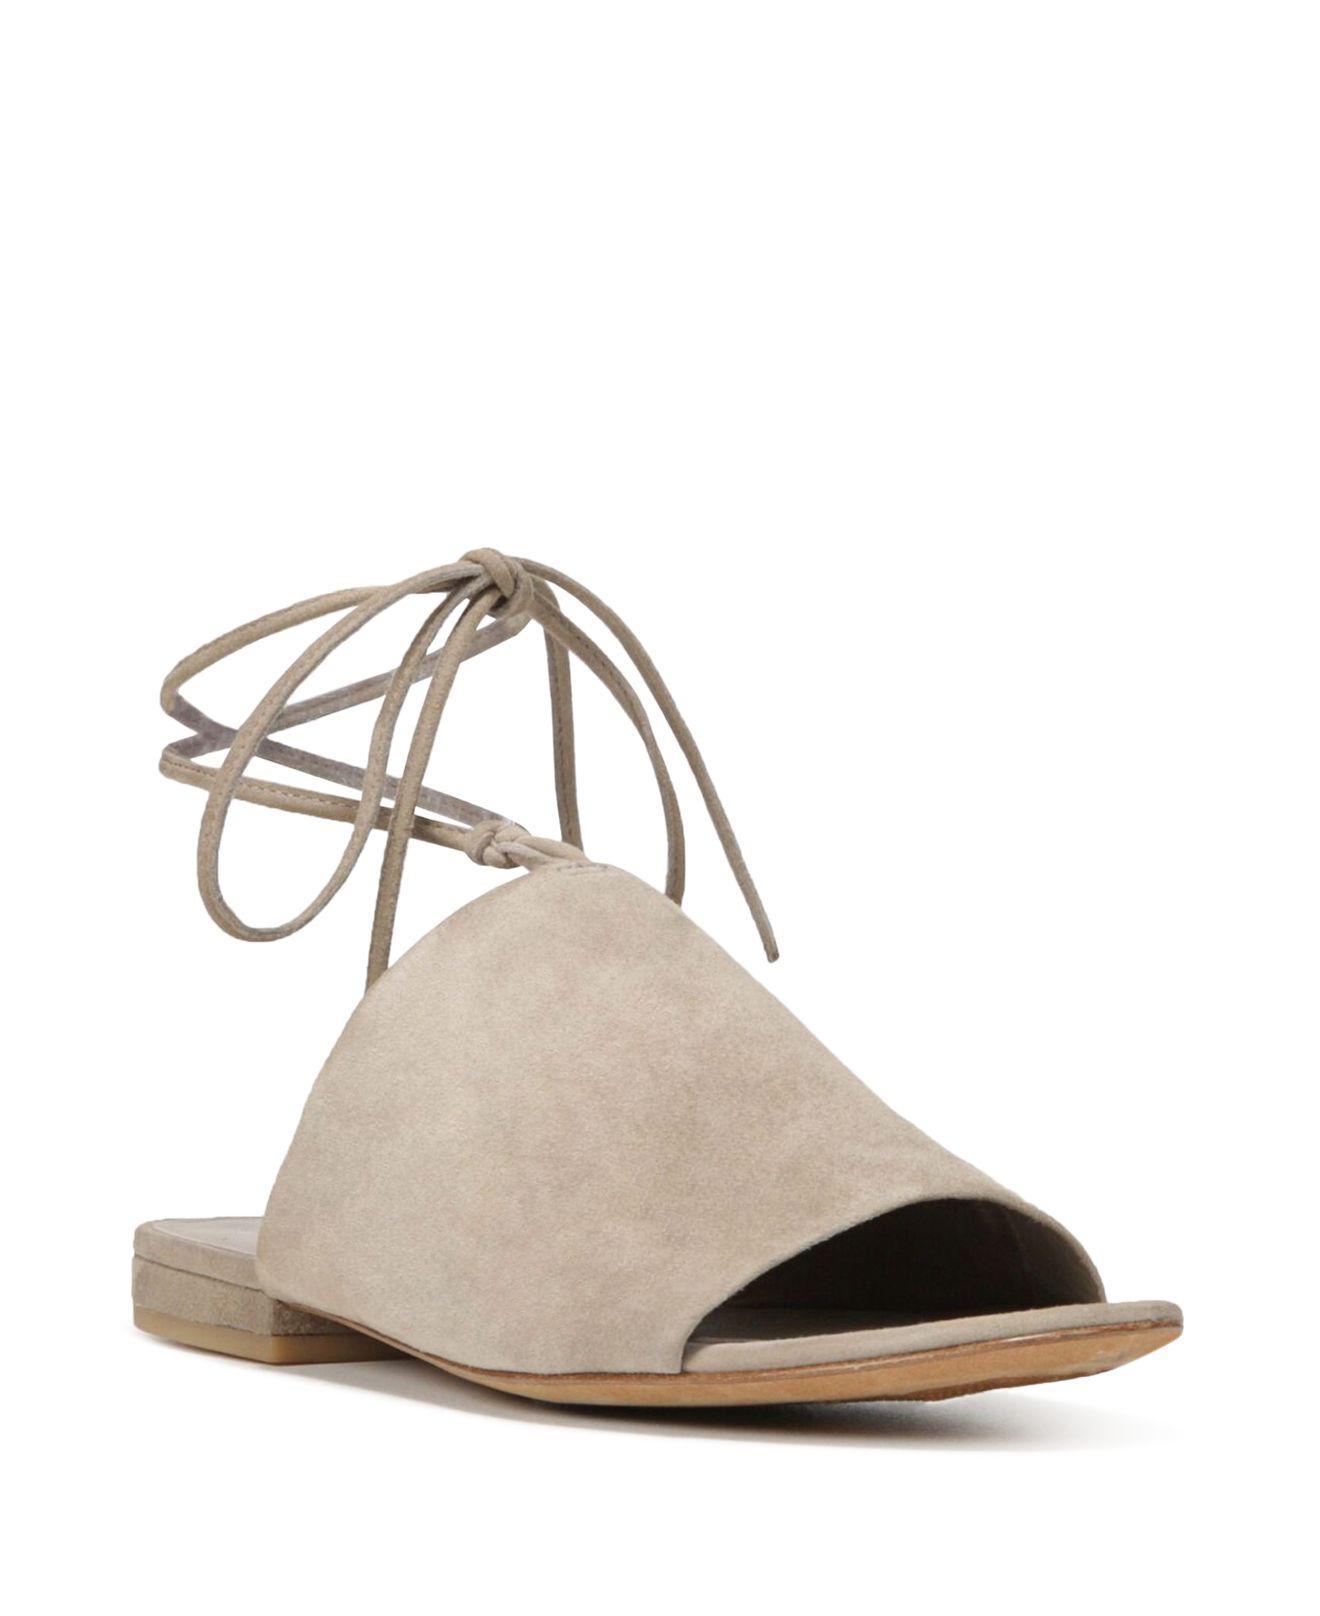 Vince Damon Lace-Up Leather Sandal (Women's)